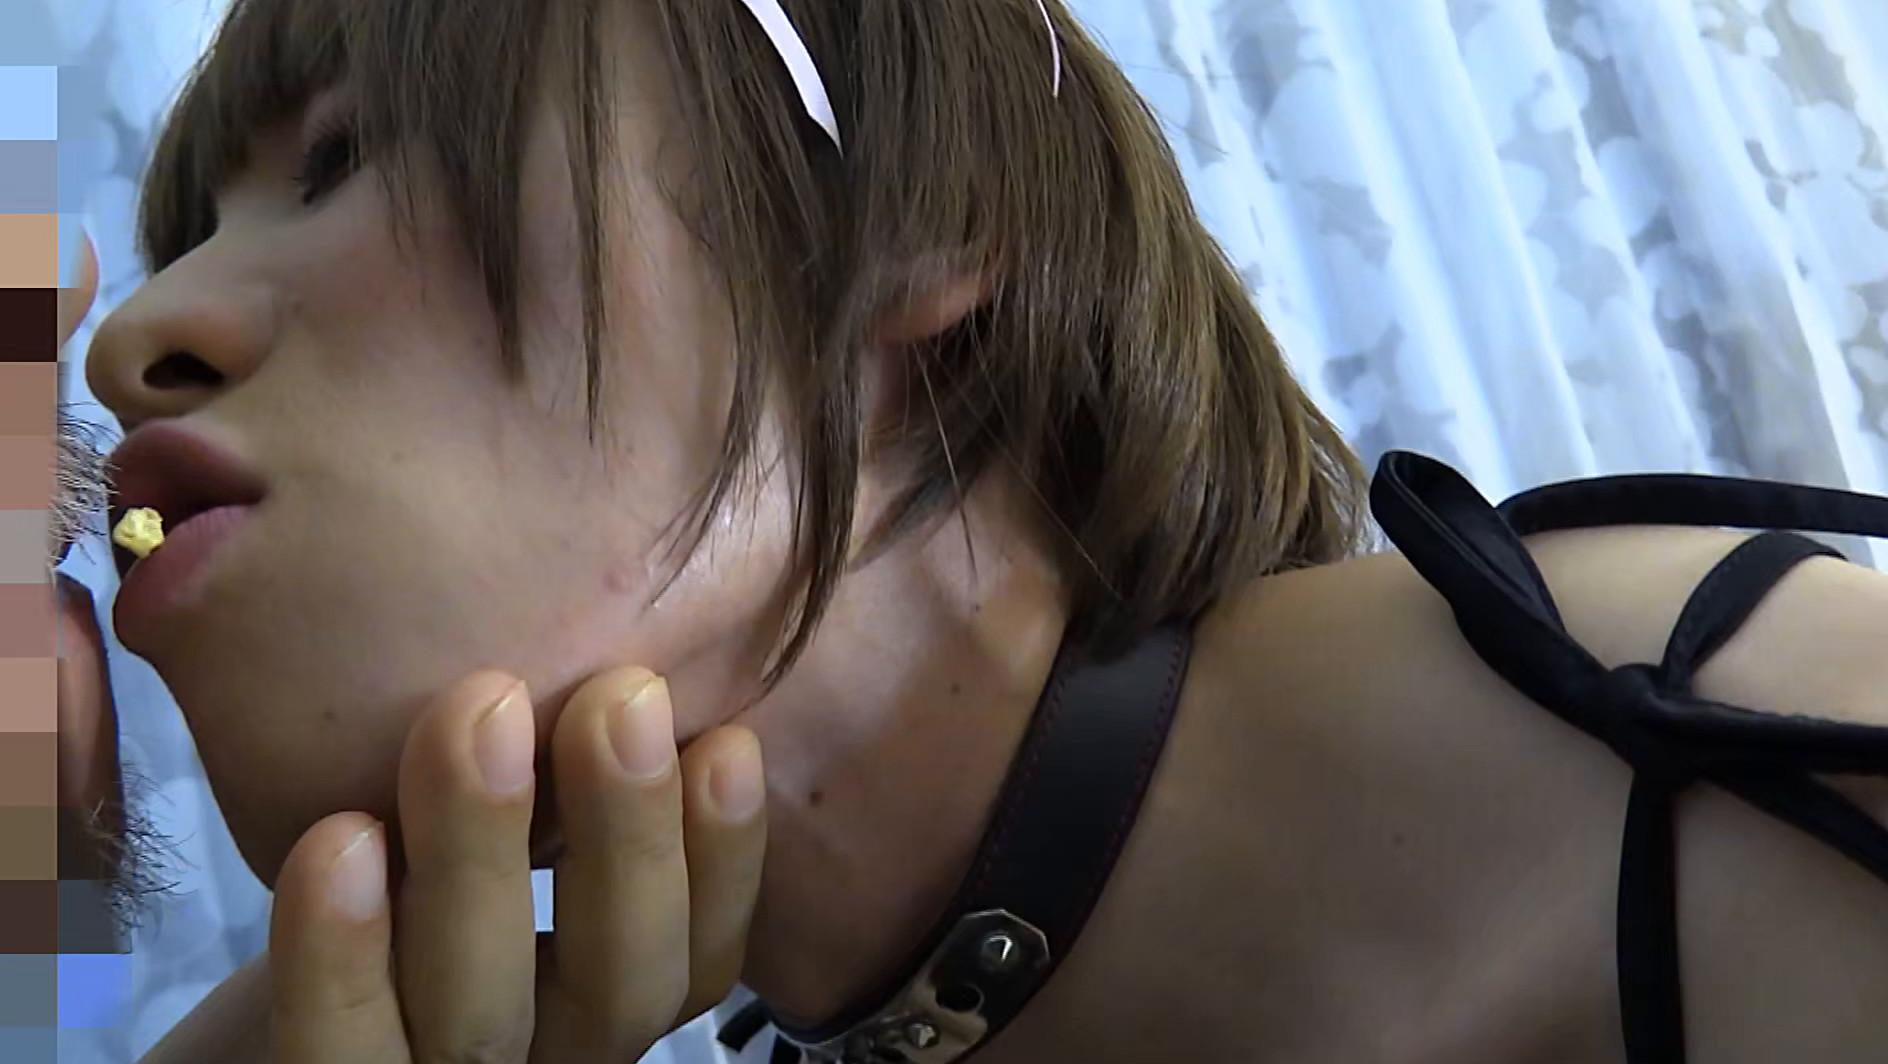 カチクオトコノコ 1 美少年射精管理【京子】 画像8